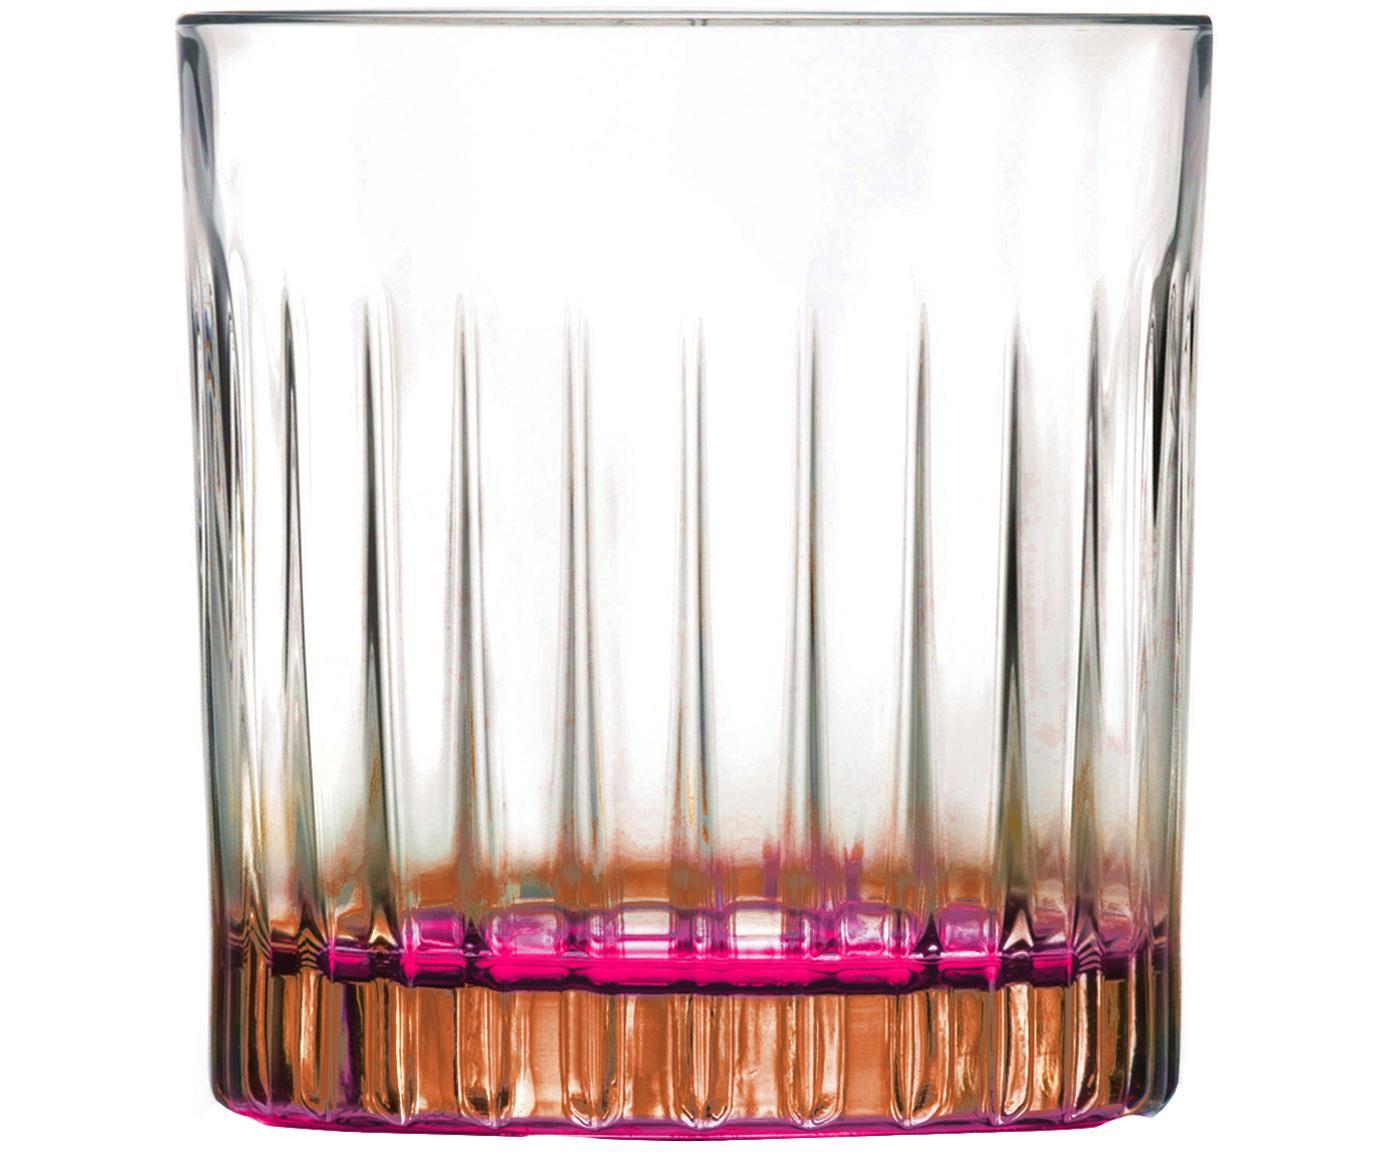 Gläser Gipsy mit zweifarbigem Luxion-Kristallglas, 6er-Set, Luxion-Kristallglas, Transparent, Kupferfarben, Pink, Ø 8 x H 9 cm